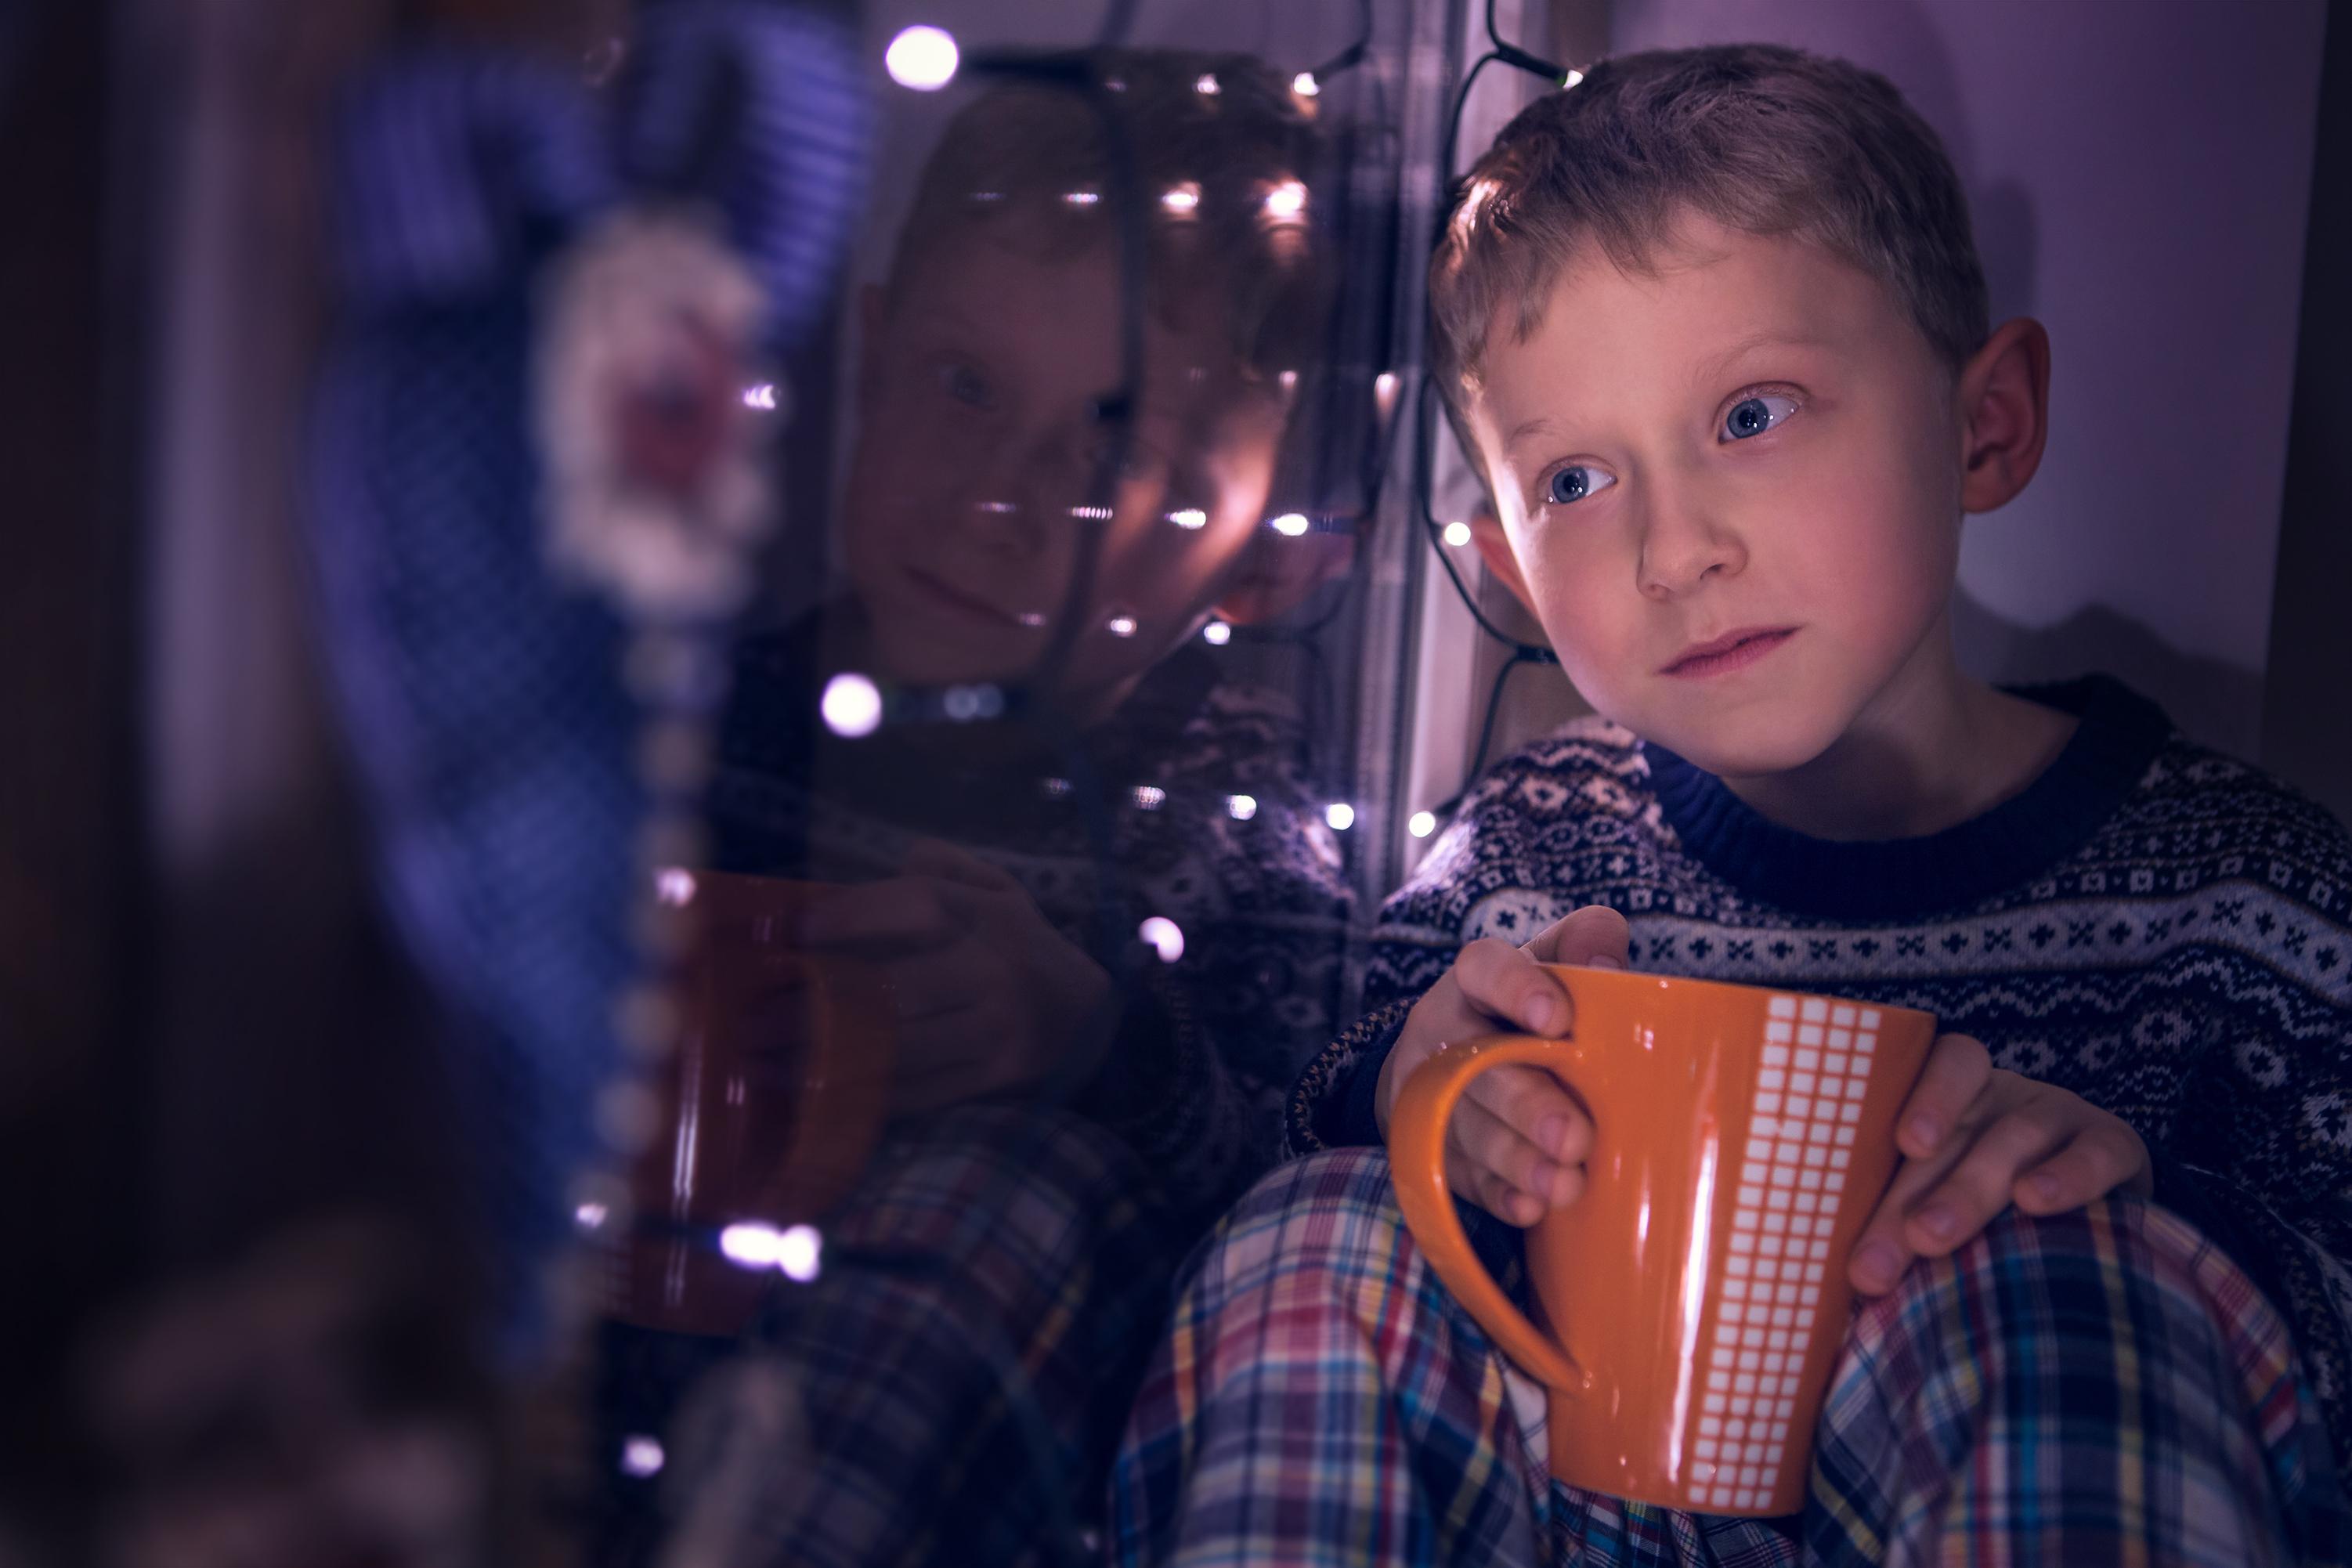 För barn så handlar det tyvärr många gånger om utanförskap - det bästa är att prata med den du misstänker är för sig själv utan att vilja vara det.